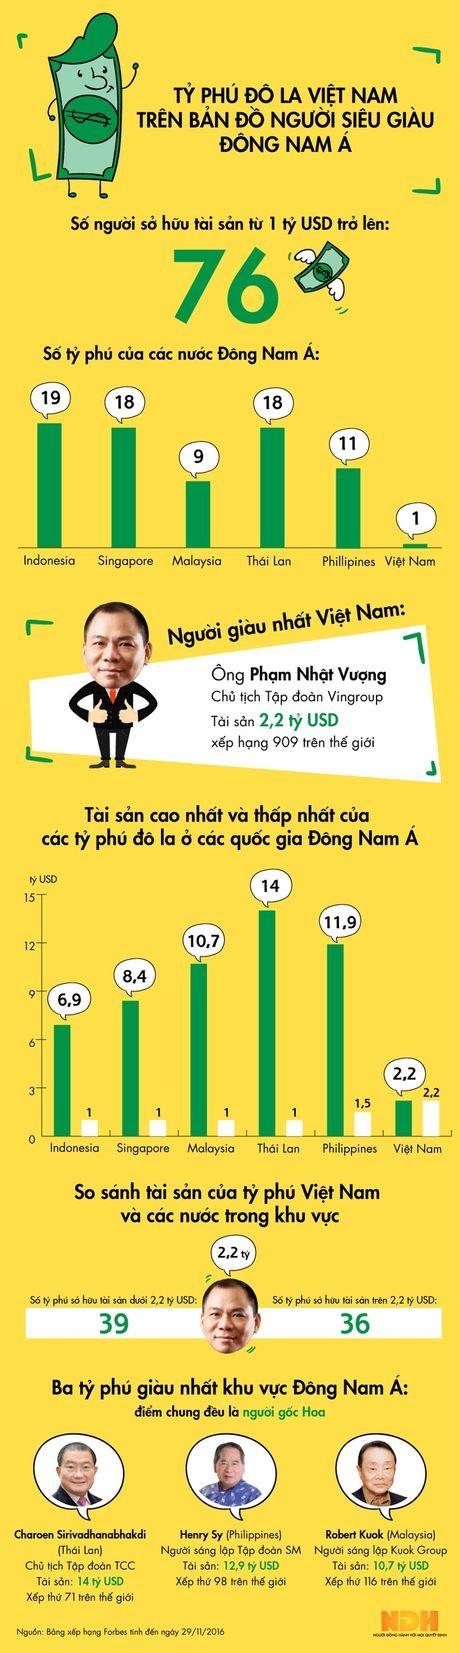 Ty phu do la Viet Nam tren ban do nguoi sieu giau Dong Nam A - Anh 1